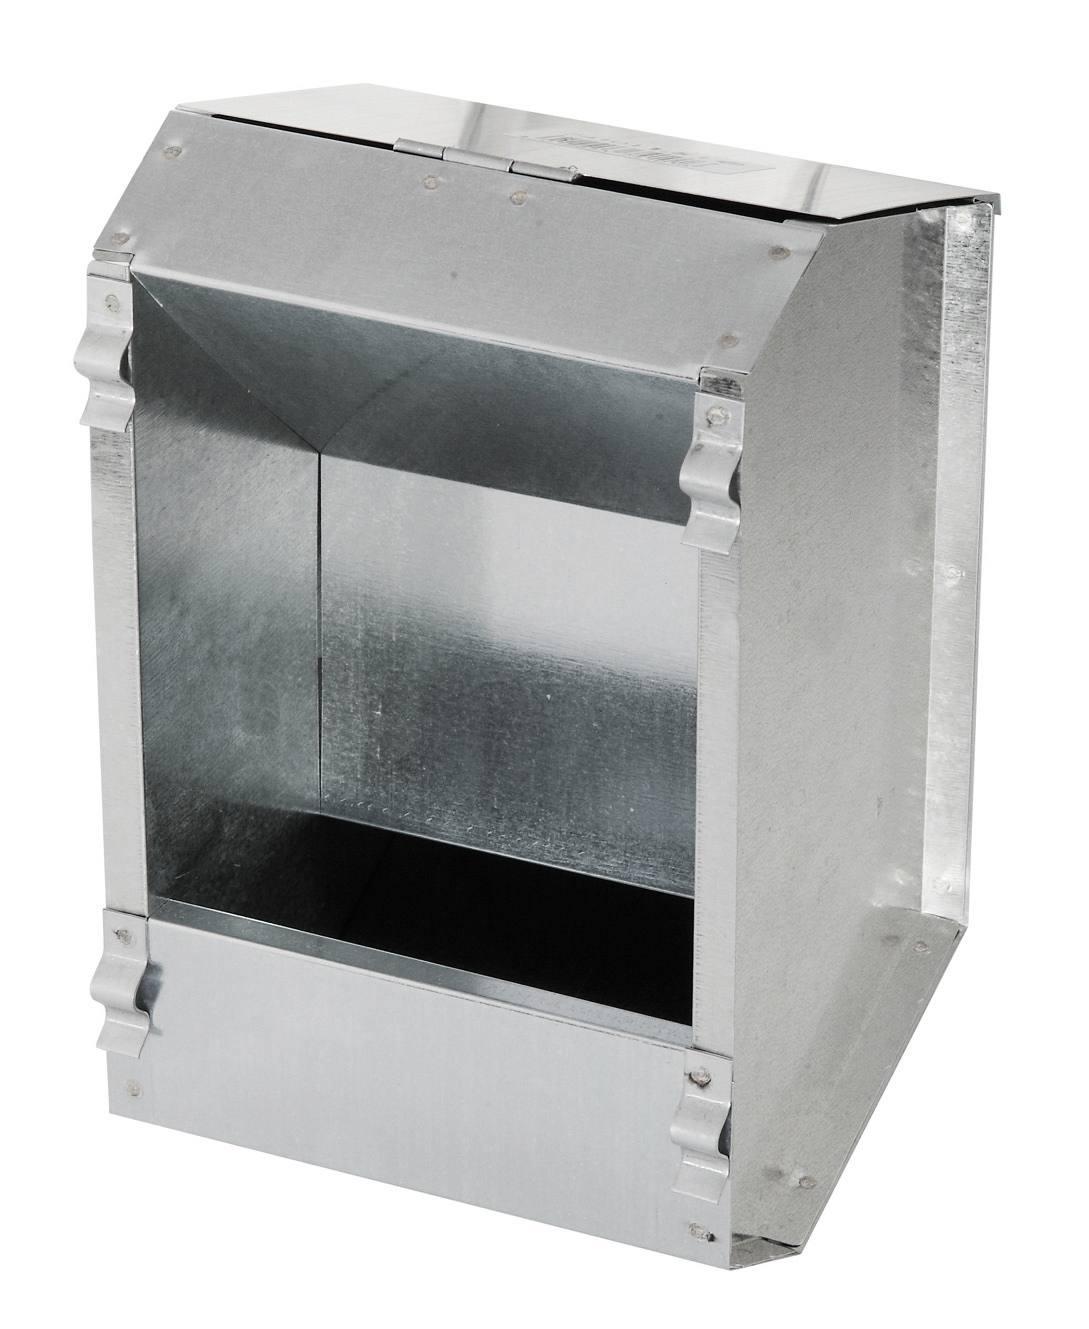 kaninchen futterautomat aus blech fassungsverm gen 2 2l. Black Bedroom Furniture Sets. Home Design Ideas